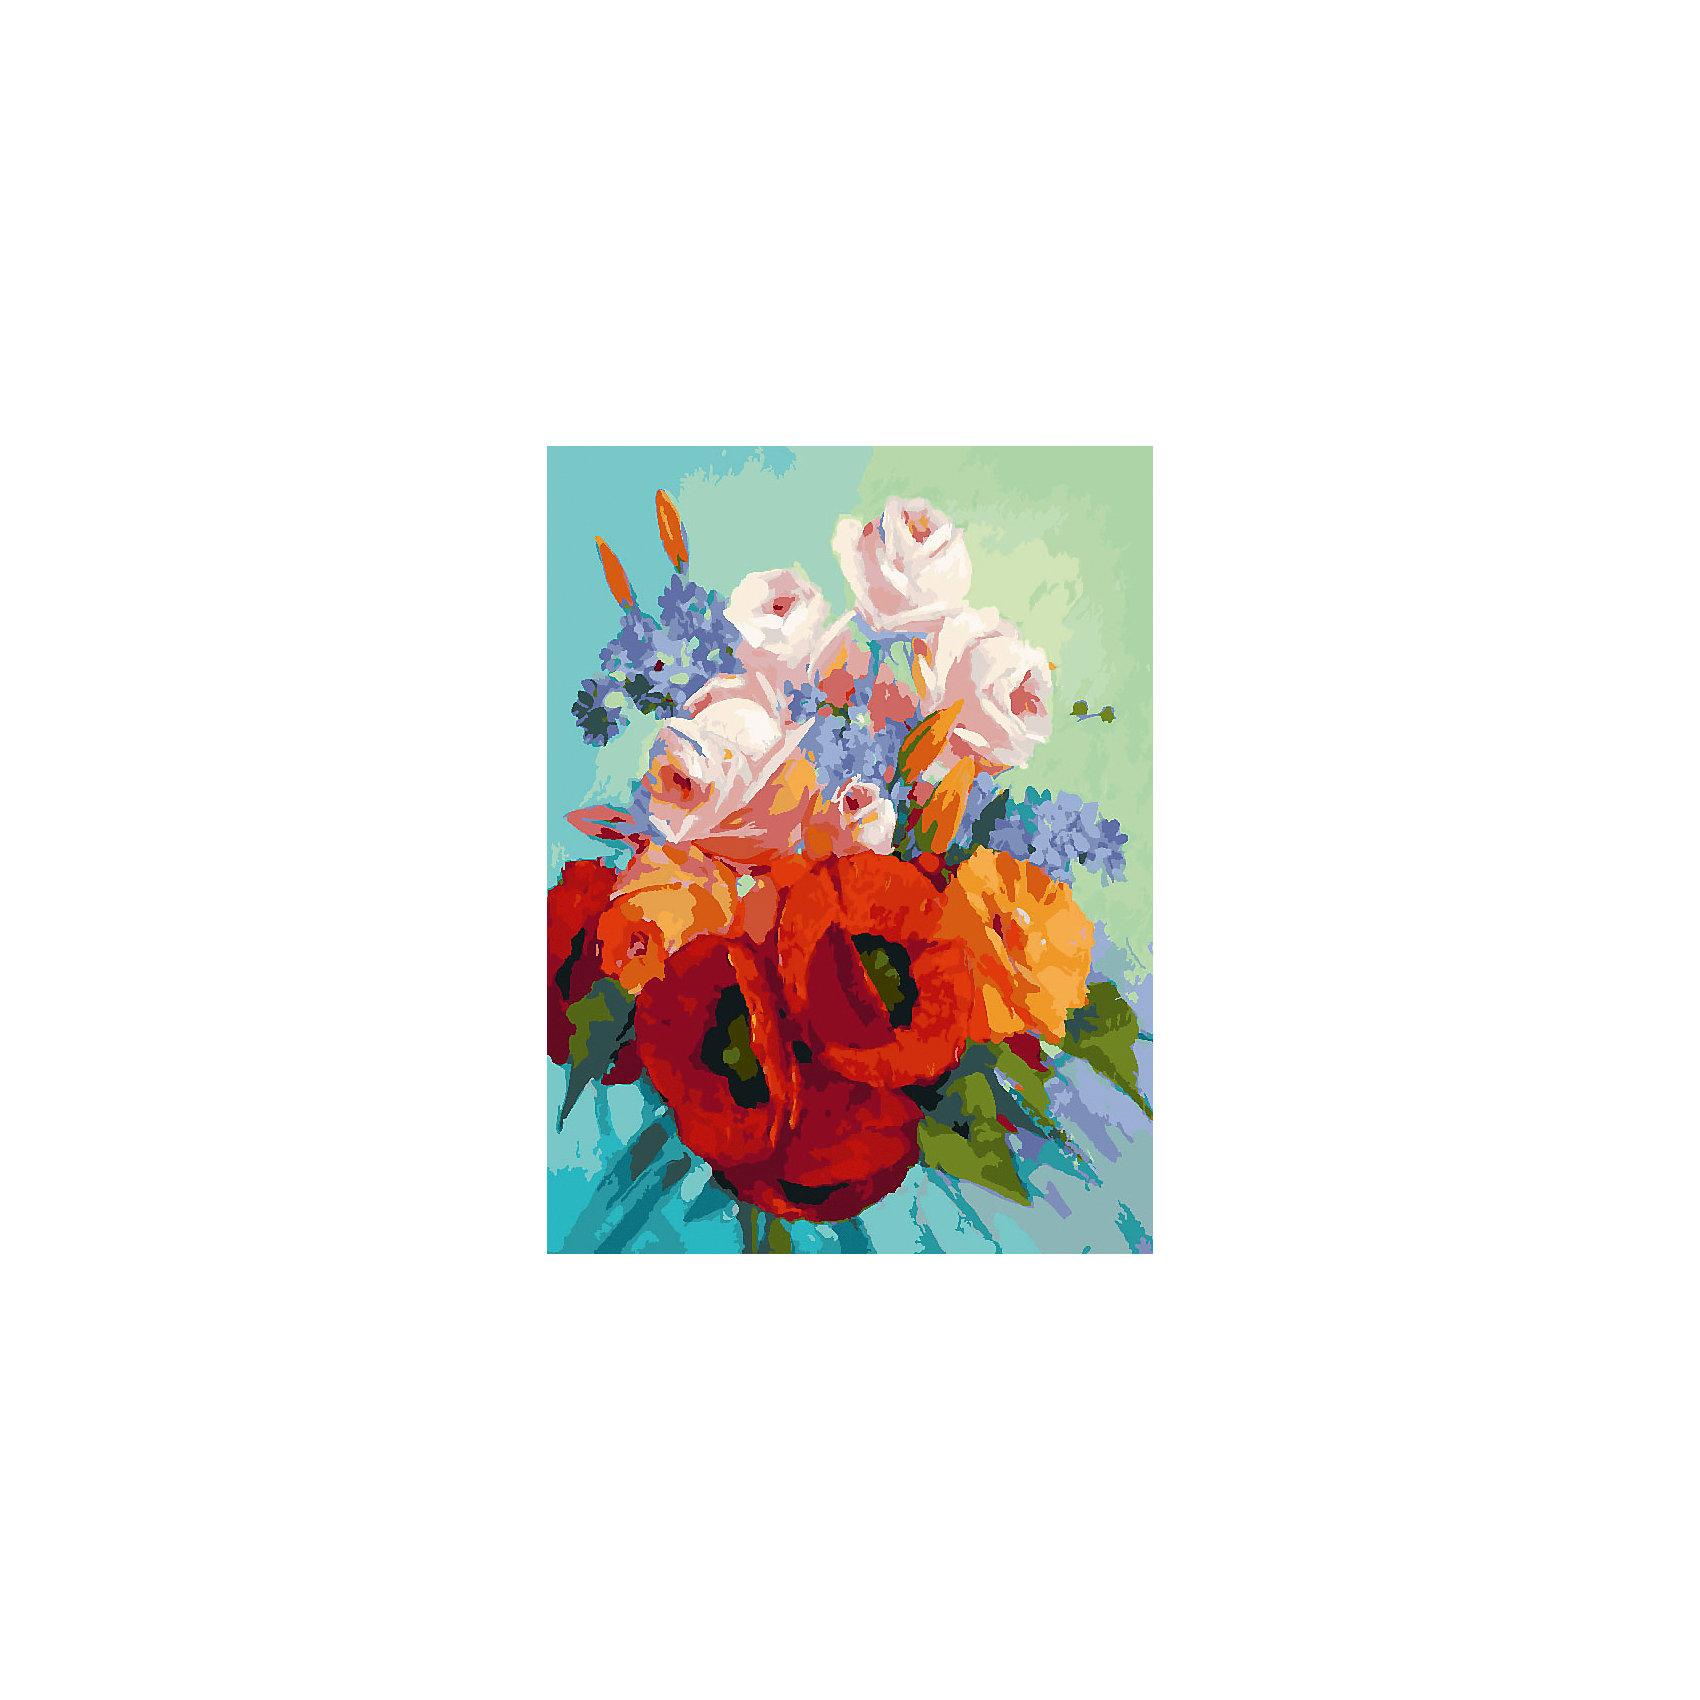 Живопись на холсте 30*40 см Радость утраРисование<br>Характеристики товара:<br><br>• цвет: разноцветный<br>• материал: акрил, картон<br>• размер: 30 x 40 см<br>• комплектация: полотно на подрамнике с контурами рисунка, пробный лист с рисунком, набор акриловых красок, три кисти, крепление на стену для картины<br>• для детей от шести лет и взрослых<br>• не требует специальных навыков<br>• страна бренда: Китай<br>• страна изготовитель: Китай<br><br>Рисование - это занятие, которое любят многие дети и взрослые. Оно помогает развить важные навыки и просто приносит удовольствие! Чтобы вселить в ребенка уверенность в своих силах, можно предложить ему этот набор - в нем уже есть сюжет, контуры рисунка и участки с номерами, которые обозначают определенную краску из набора. Все оттенки уже готовы, задача художника - аккуратно, с помощью кисточек из набора, нанести краски на определенный участок полотна.<br>Взрослым также понравится этот процесс, рисовать можно и вместе с малышом! В итоге получается красивая картина, которой можно украсить интерьер. Рисование способствует развитию мелкой моторики, воображения, цветовосприятия, творческих способностей и усидчивости. Набор отлично проработан, сделан из качественных и проверенных материалов, которые безопасны для детей. Краски - акриловые, они быстро сохнут и легко смываются с кожи.<br><br>Живопись на холсте 30*40 см Радость утра от торговой марки Белоснежка можно купить в нашем интернет-магазине.<br><br>Ширина мм: 410<br>Глубина мм: 310<br>Высота мм: 25<br>Вес г: 567<br>Возраст от месяцев: 72<br>Возраст до месяцев: 144<br>Пол: Унисекс<br>Возраст: Детский<br>SKU: 5089642